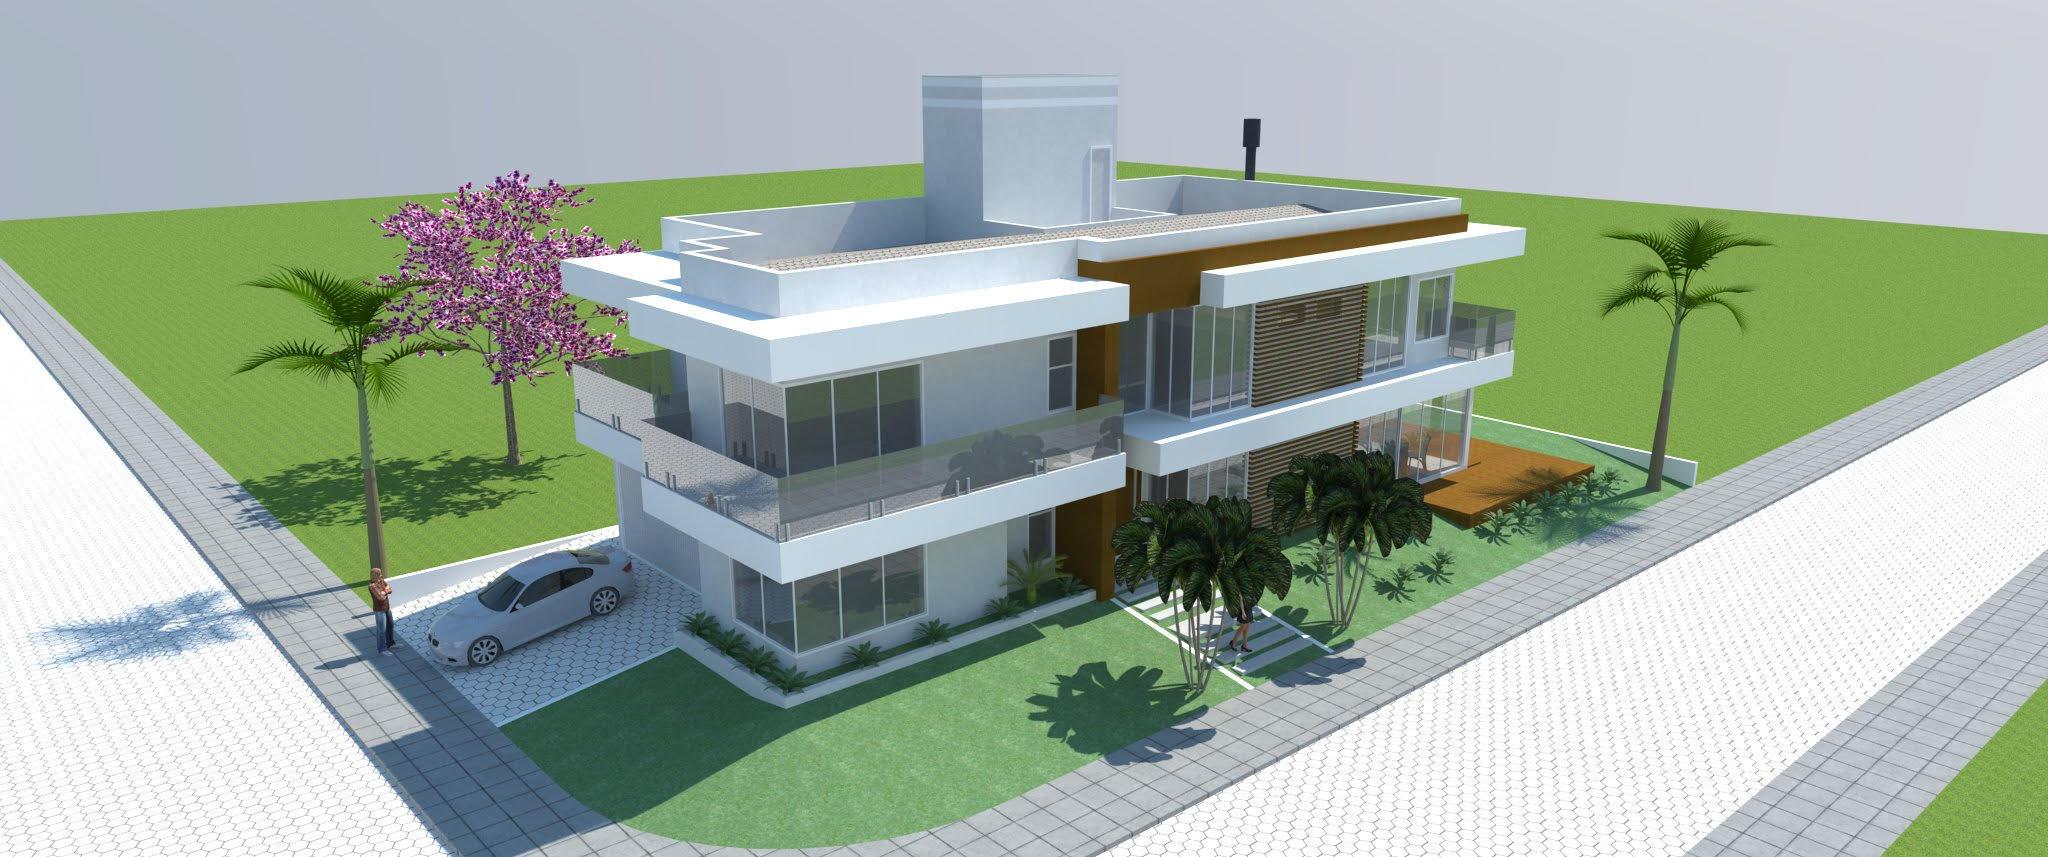 Fabuloso Projetos integrados - Casa JE - Galeria de Projetos AltoQi VL78